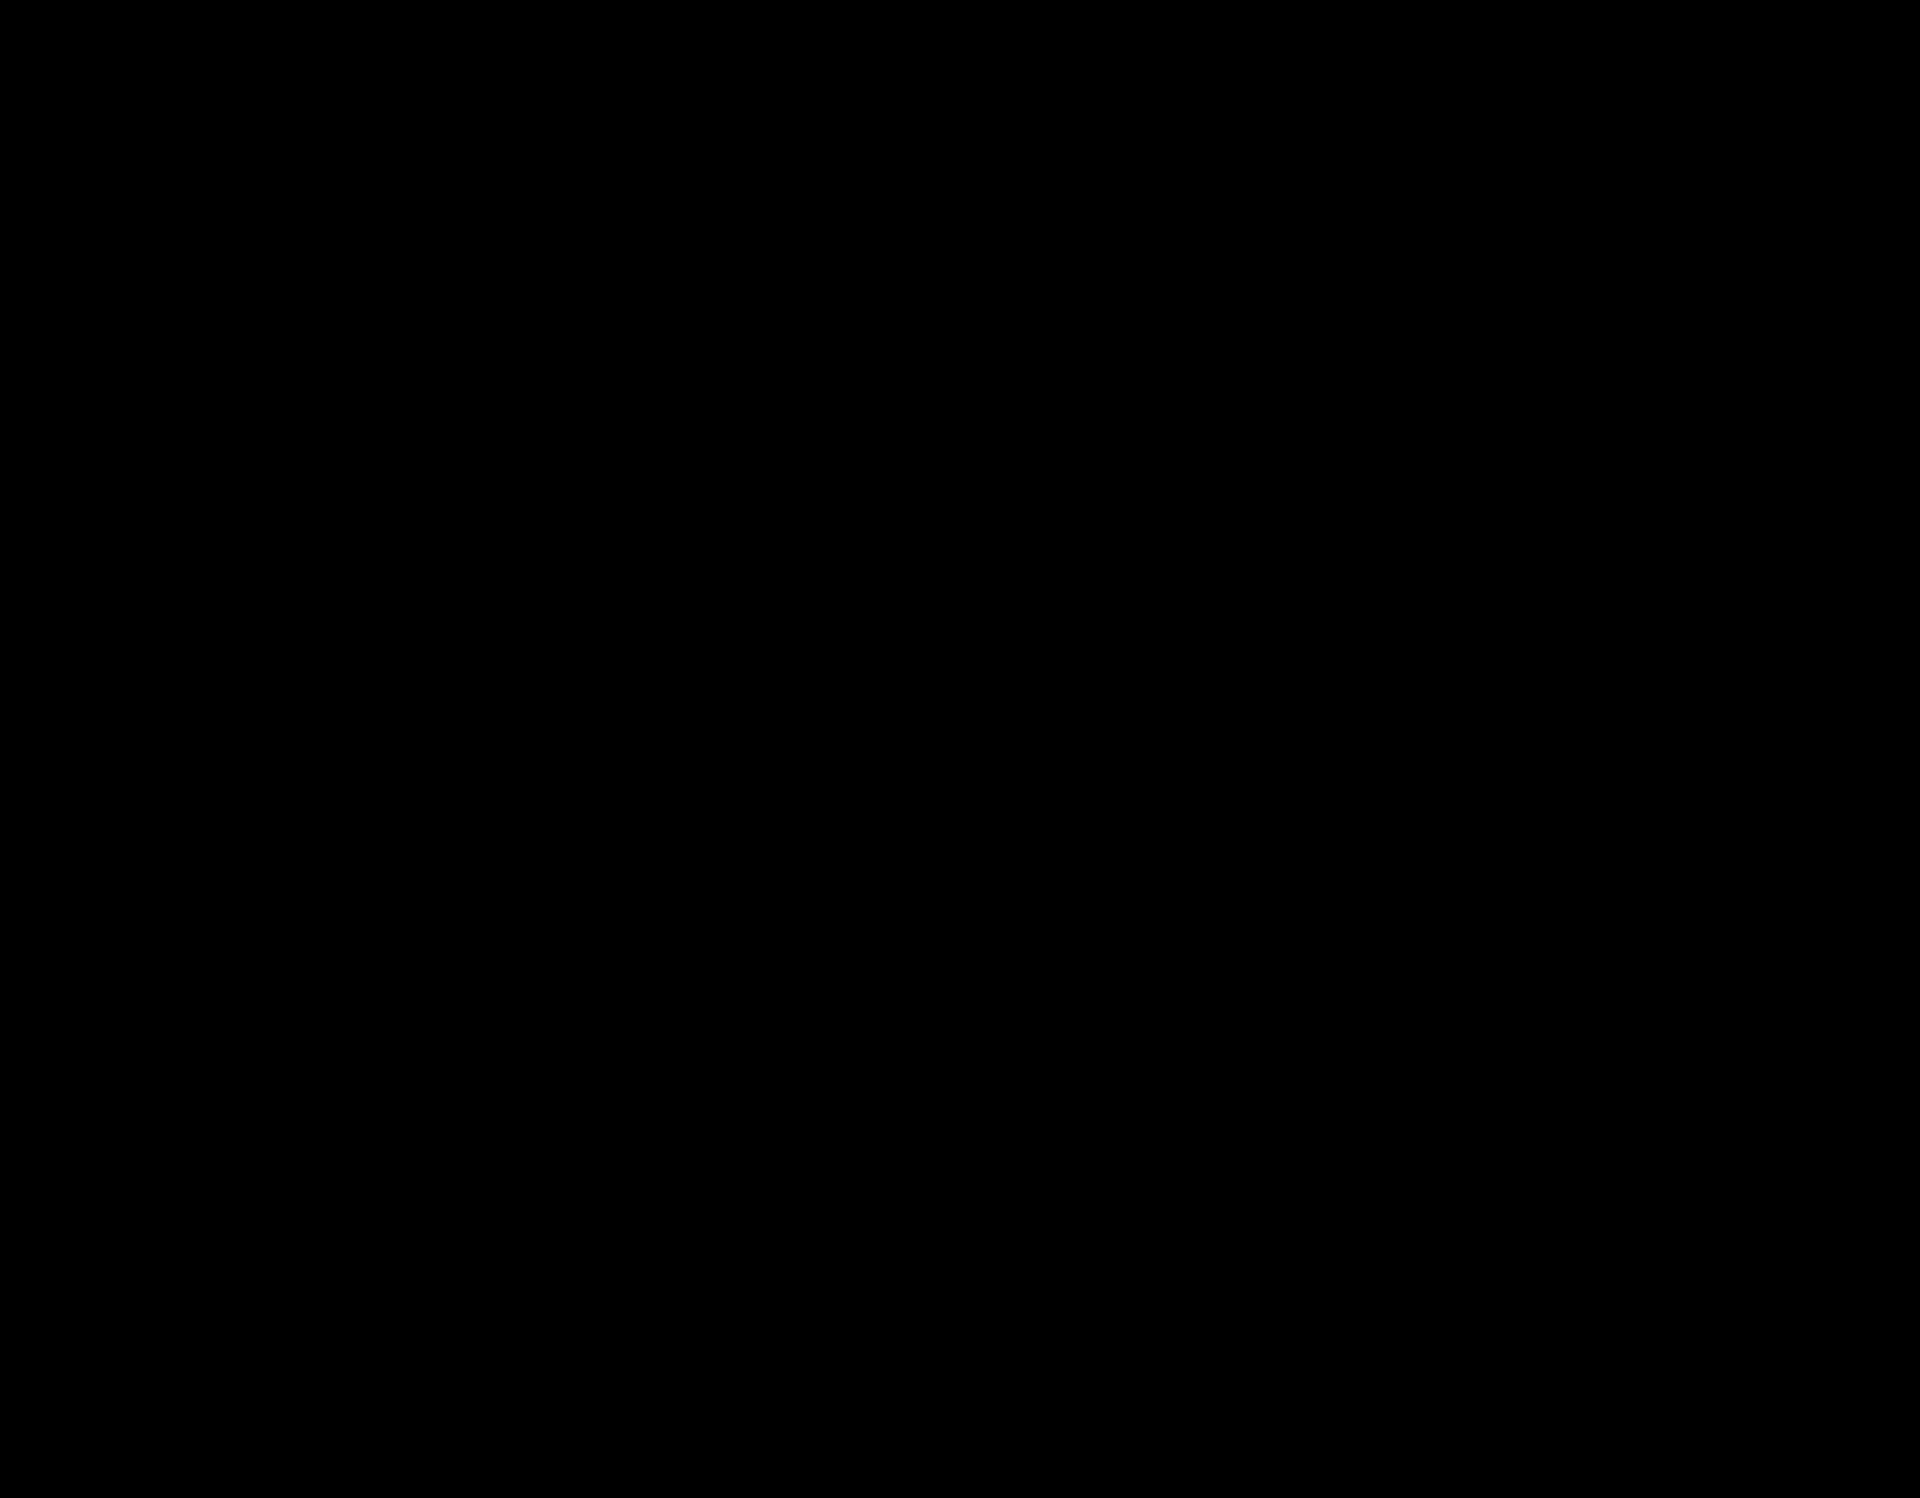 man-2498702_1920